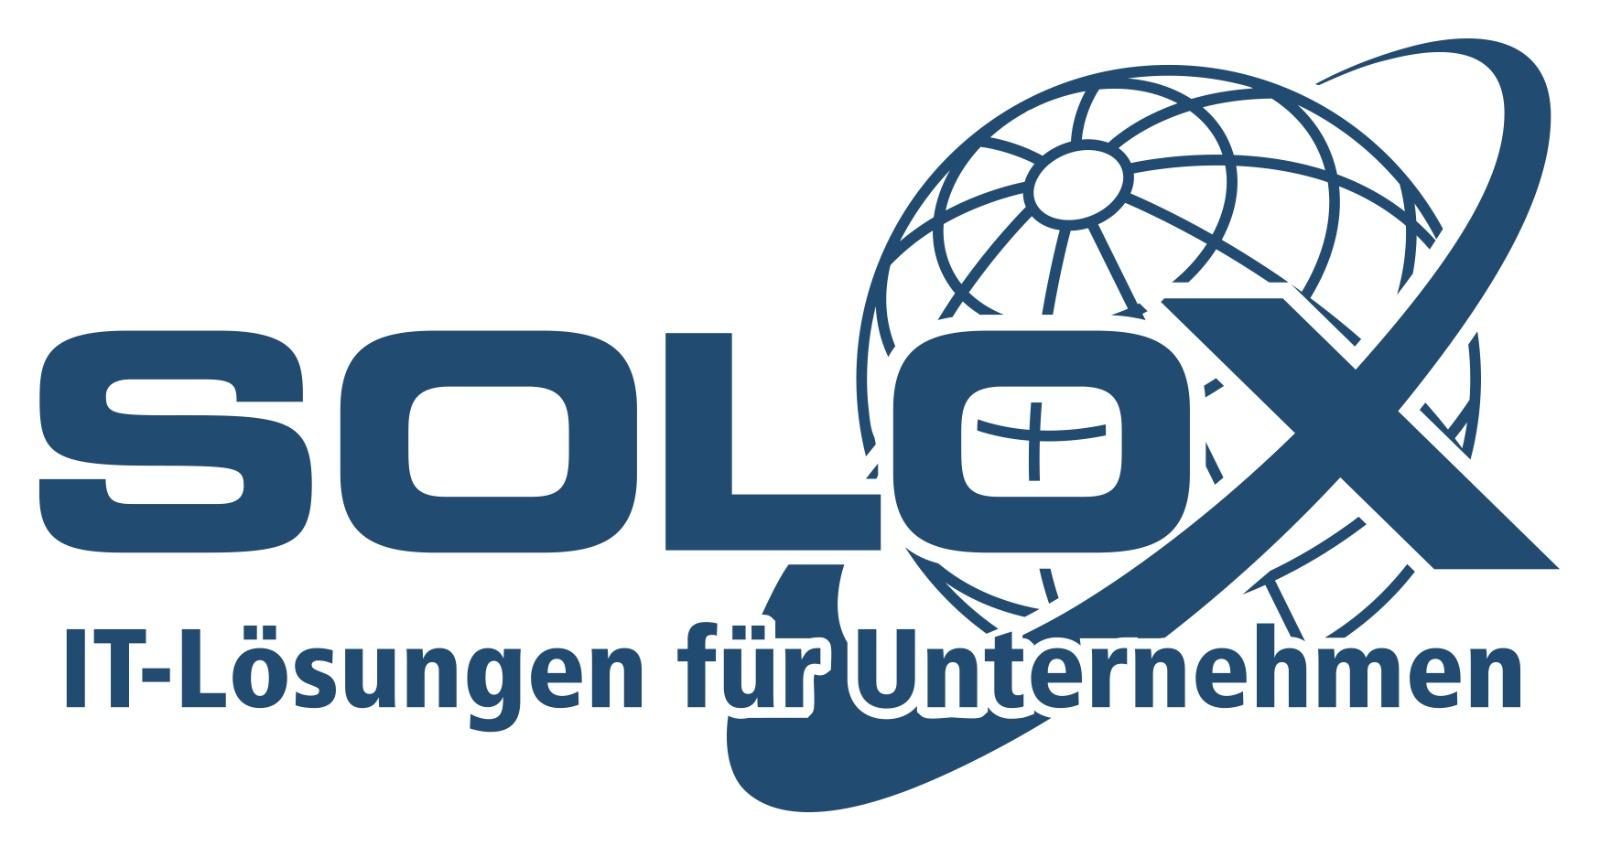 SOLOX - IT-Lösungen für Unternehmen – kompetent, schnell, zuverlässig.